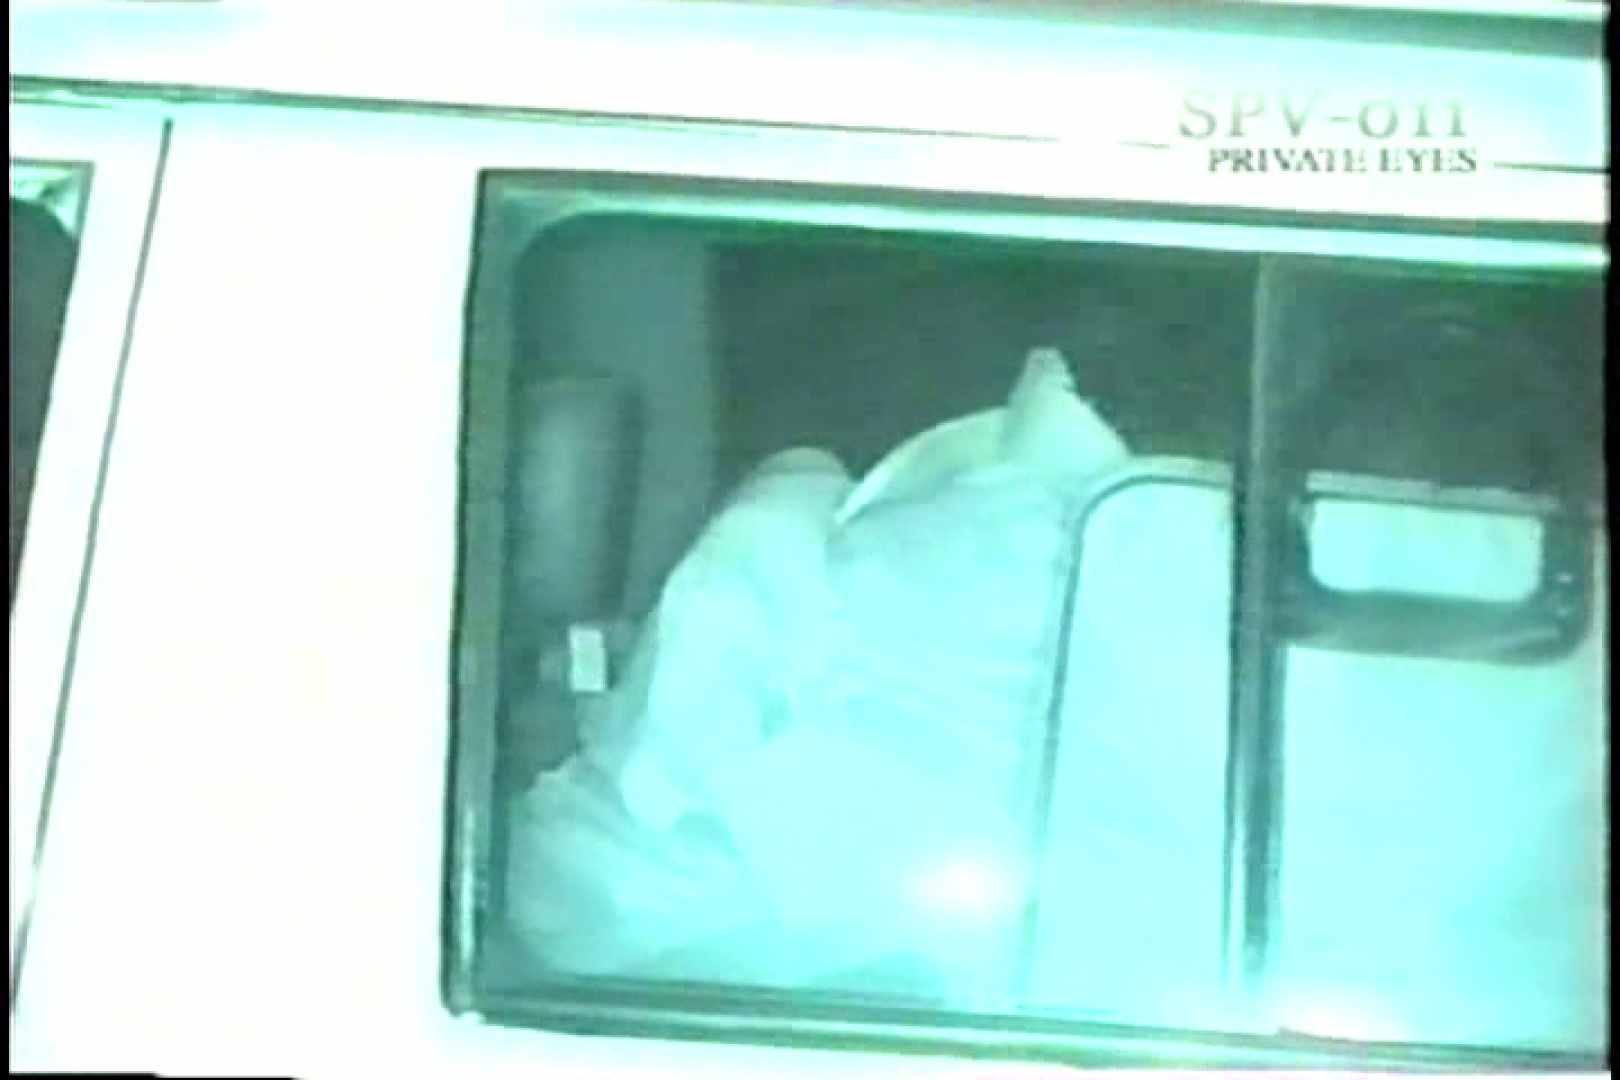 高画質版!SPD-011 盗撮 カーセックス黙示録 (VHS) 名作 盗み撮りSEX無修正画像 104連発 88